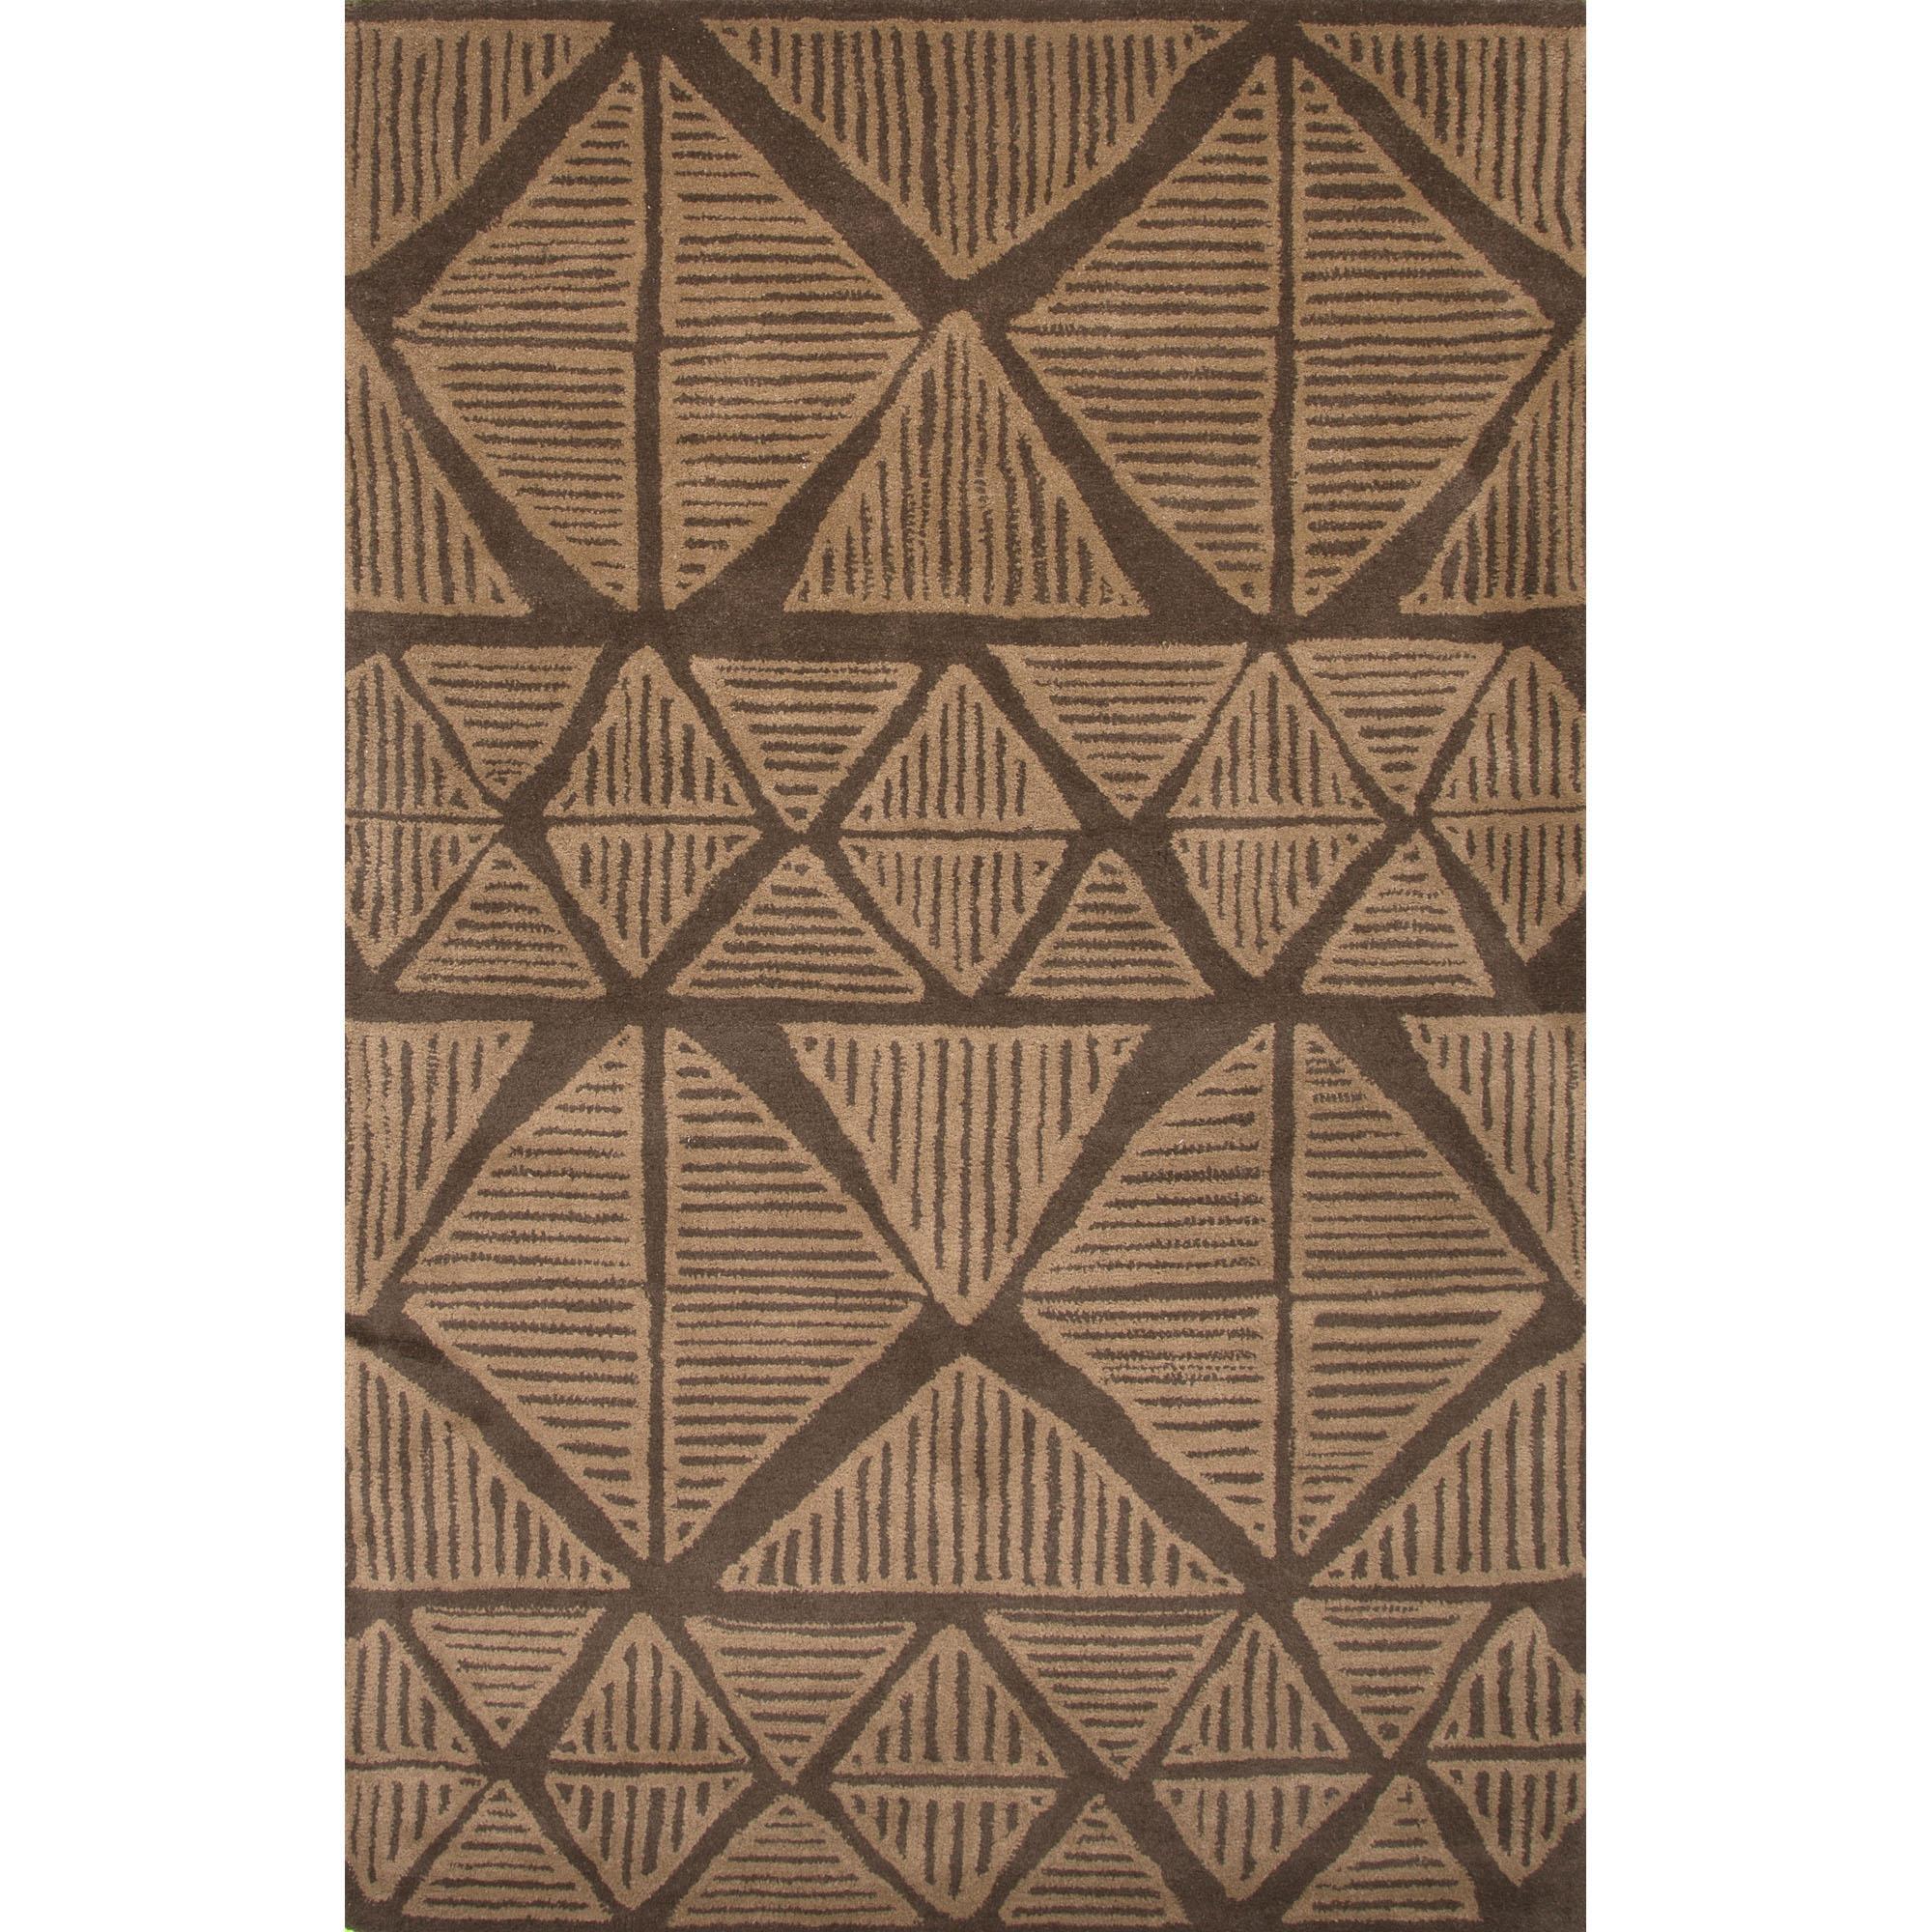 JAIPUR Rugs Aztec 5 x 8 Rug - Item Number: RUG119742